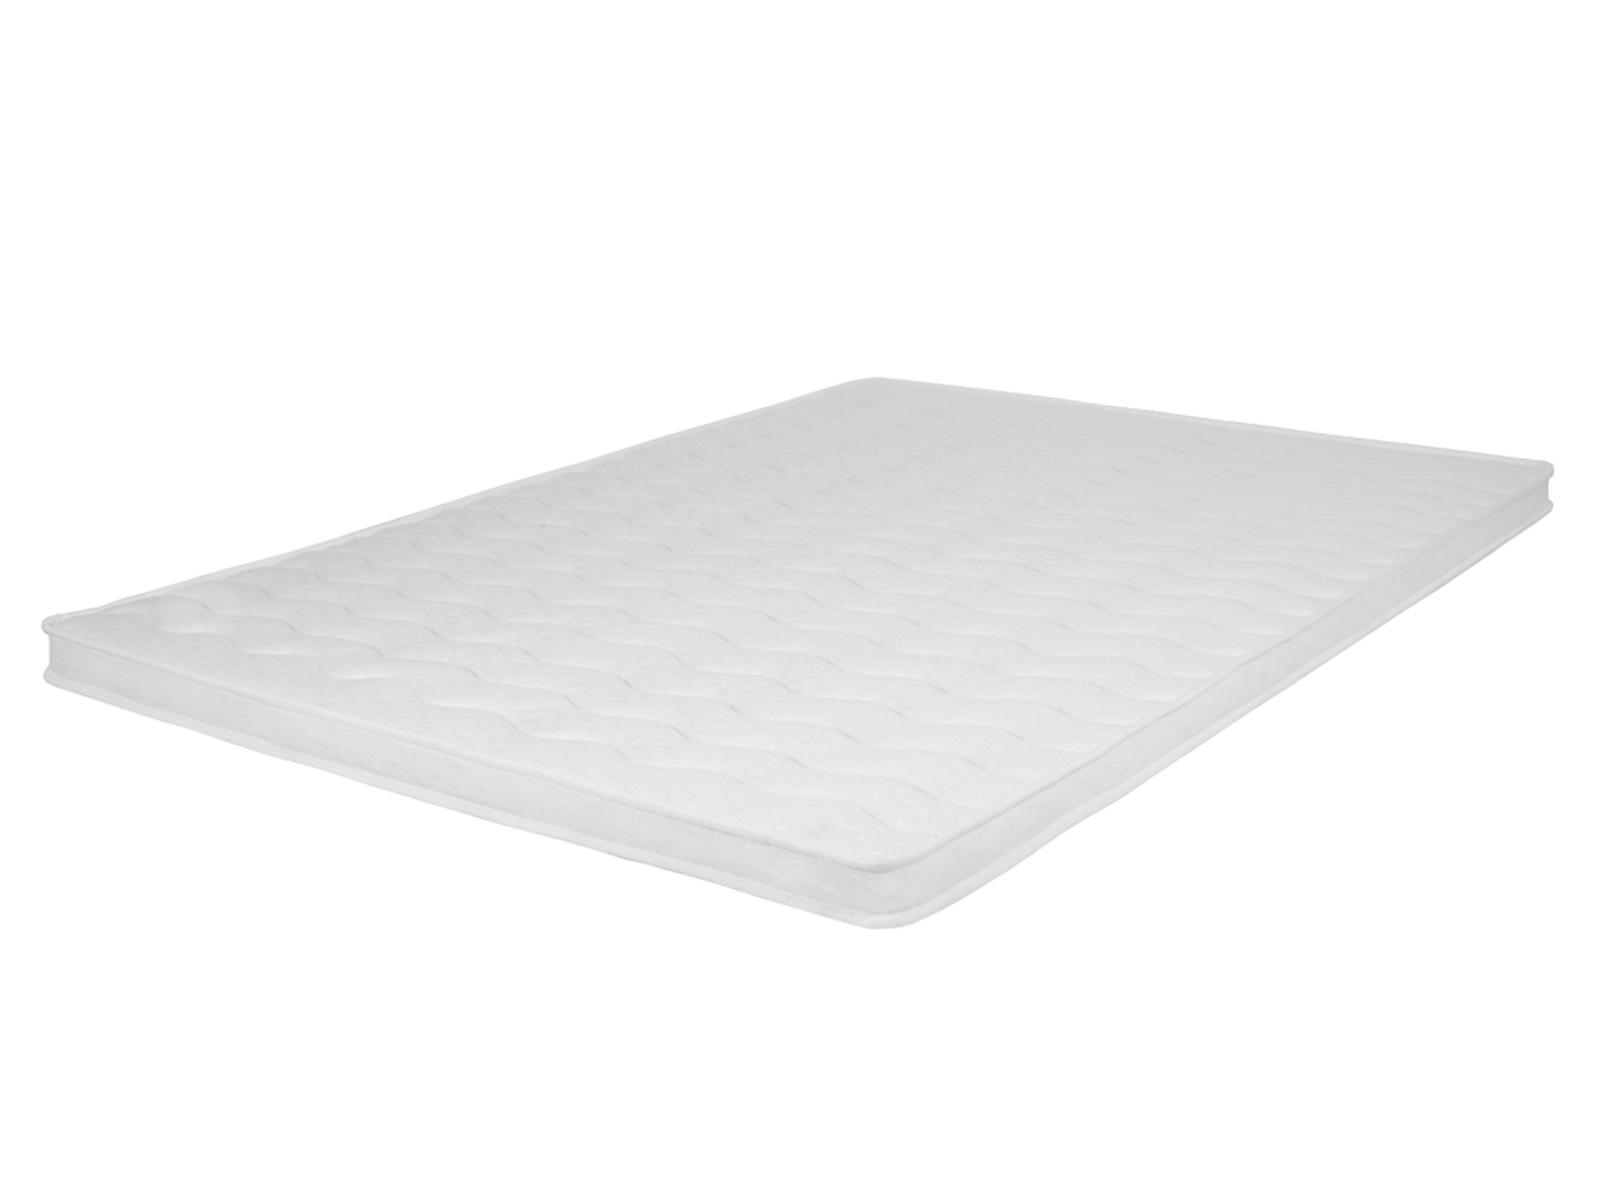 visco topper viskoelastische matratzenauflage memory 140x200 cm schlafen matratzen. Black Bedroom Furniture Sets. Home Design Ideas